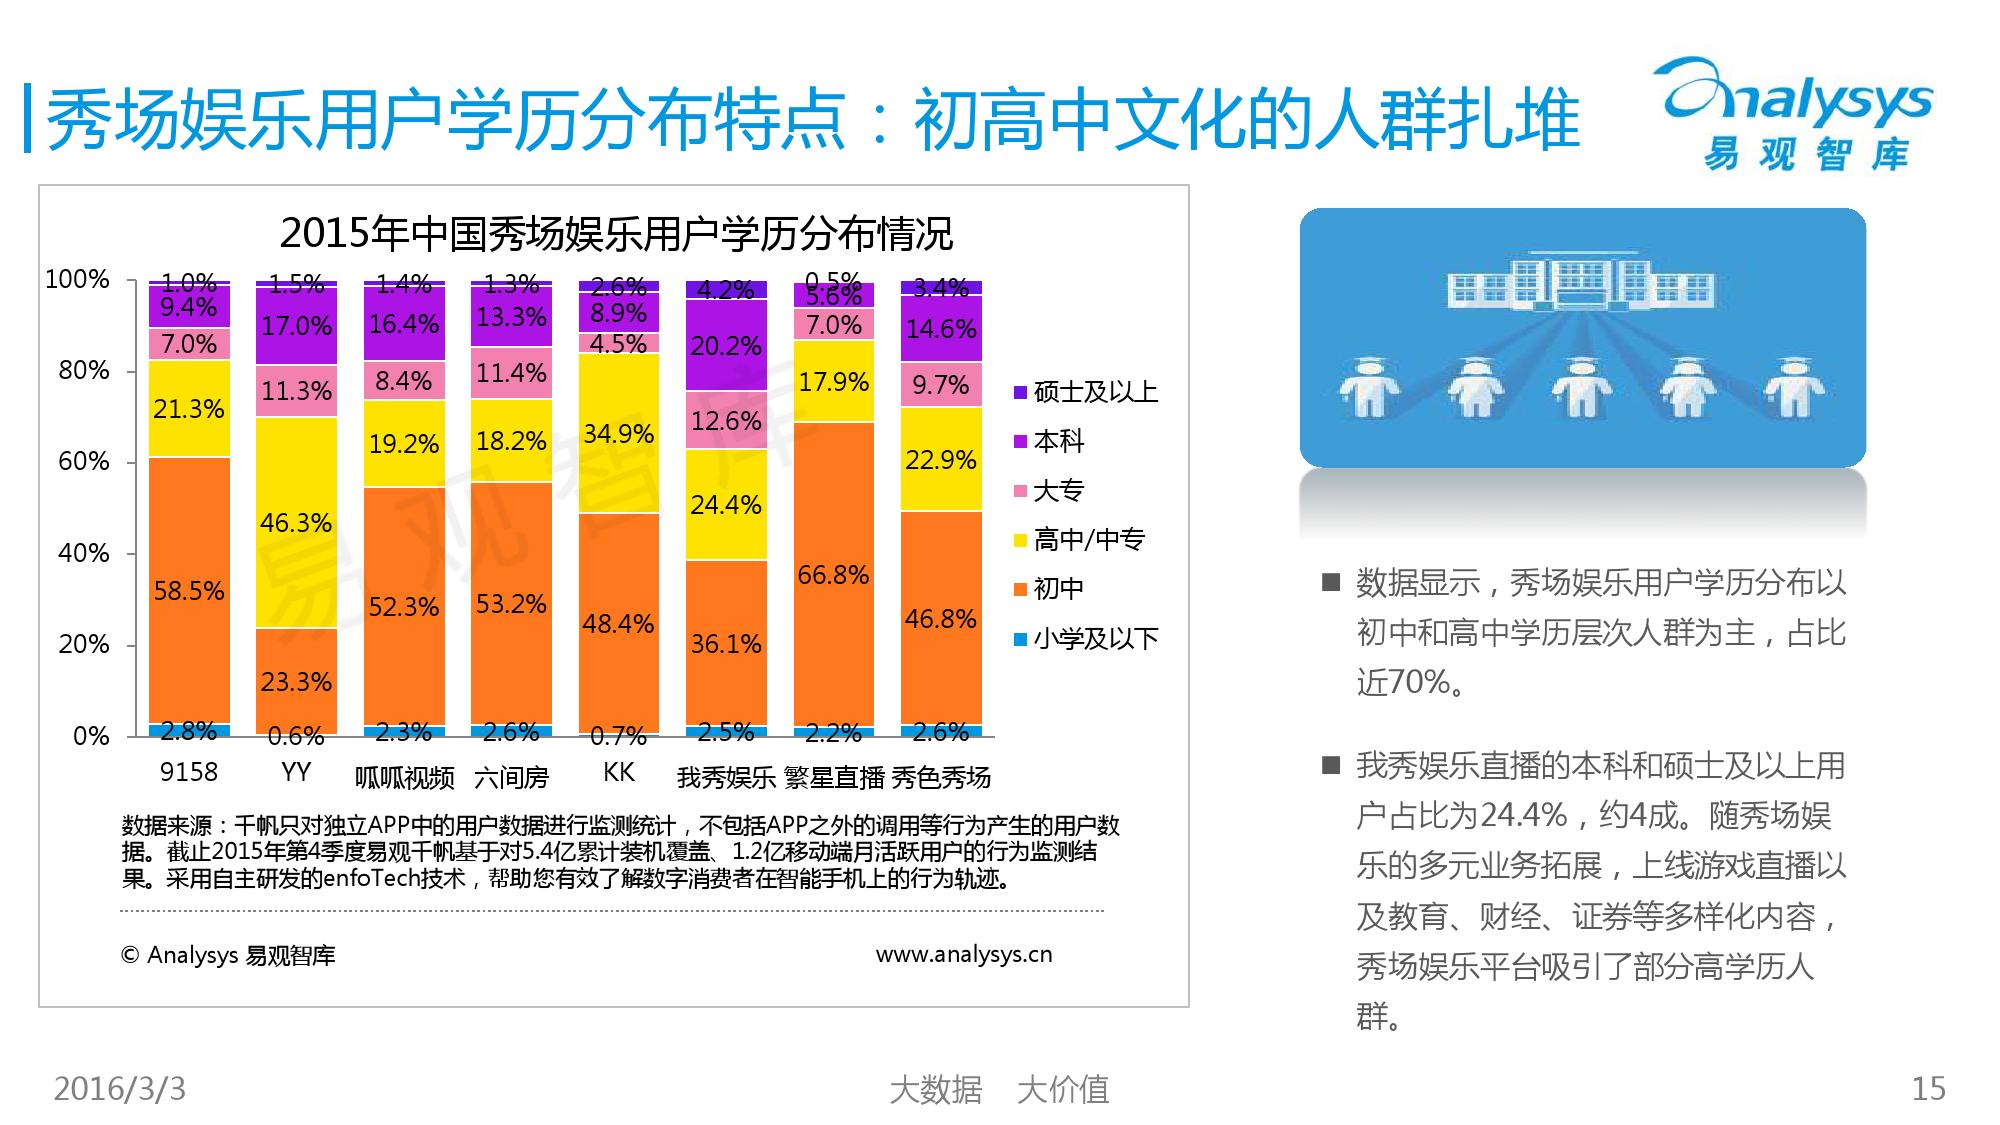 中国秀场娱乐市场专题研究报告2016_000015